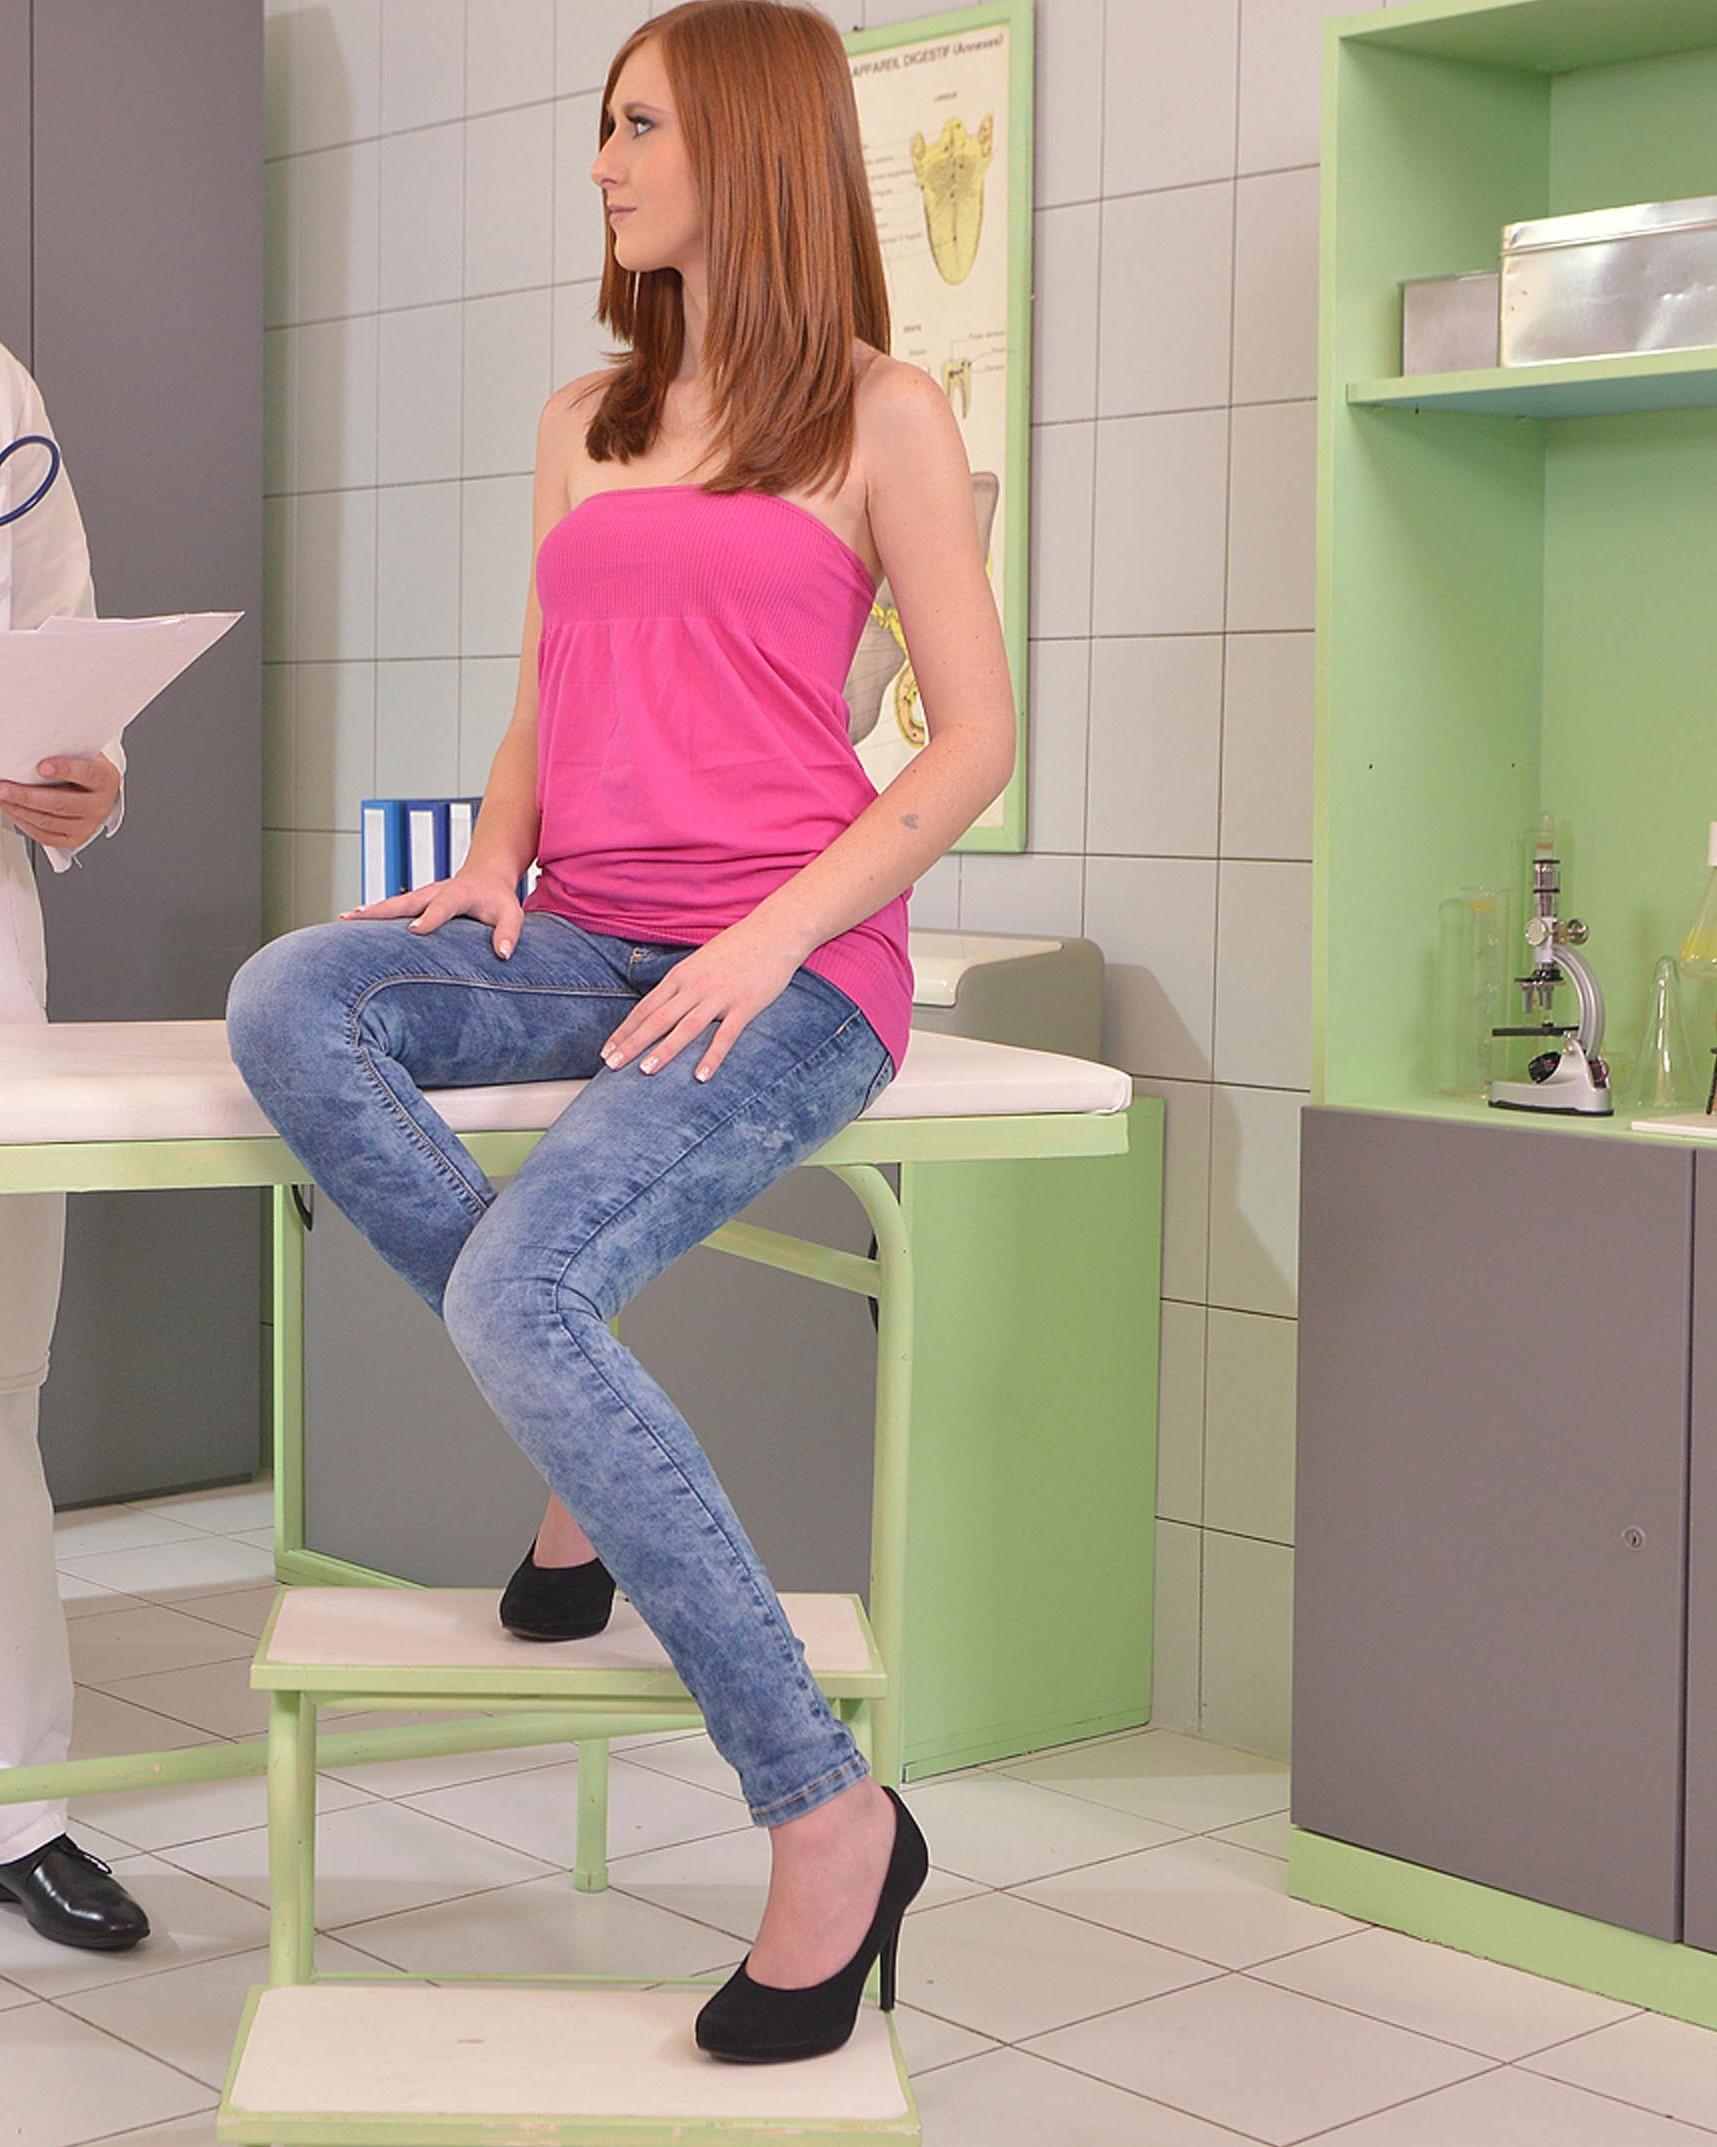 Linda Sweet - coger por el culo en la clinica